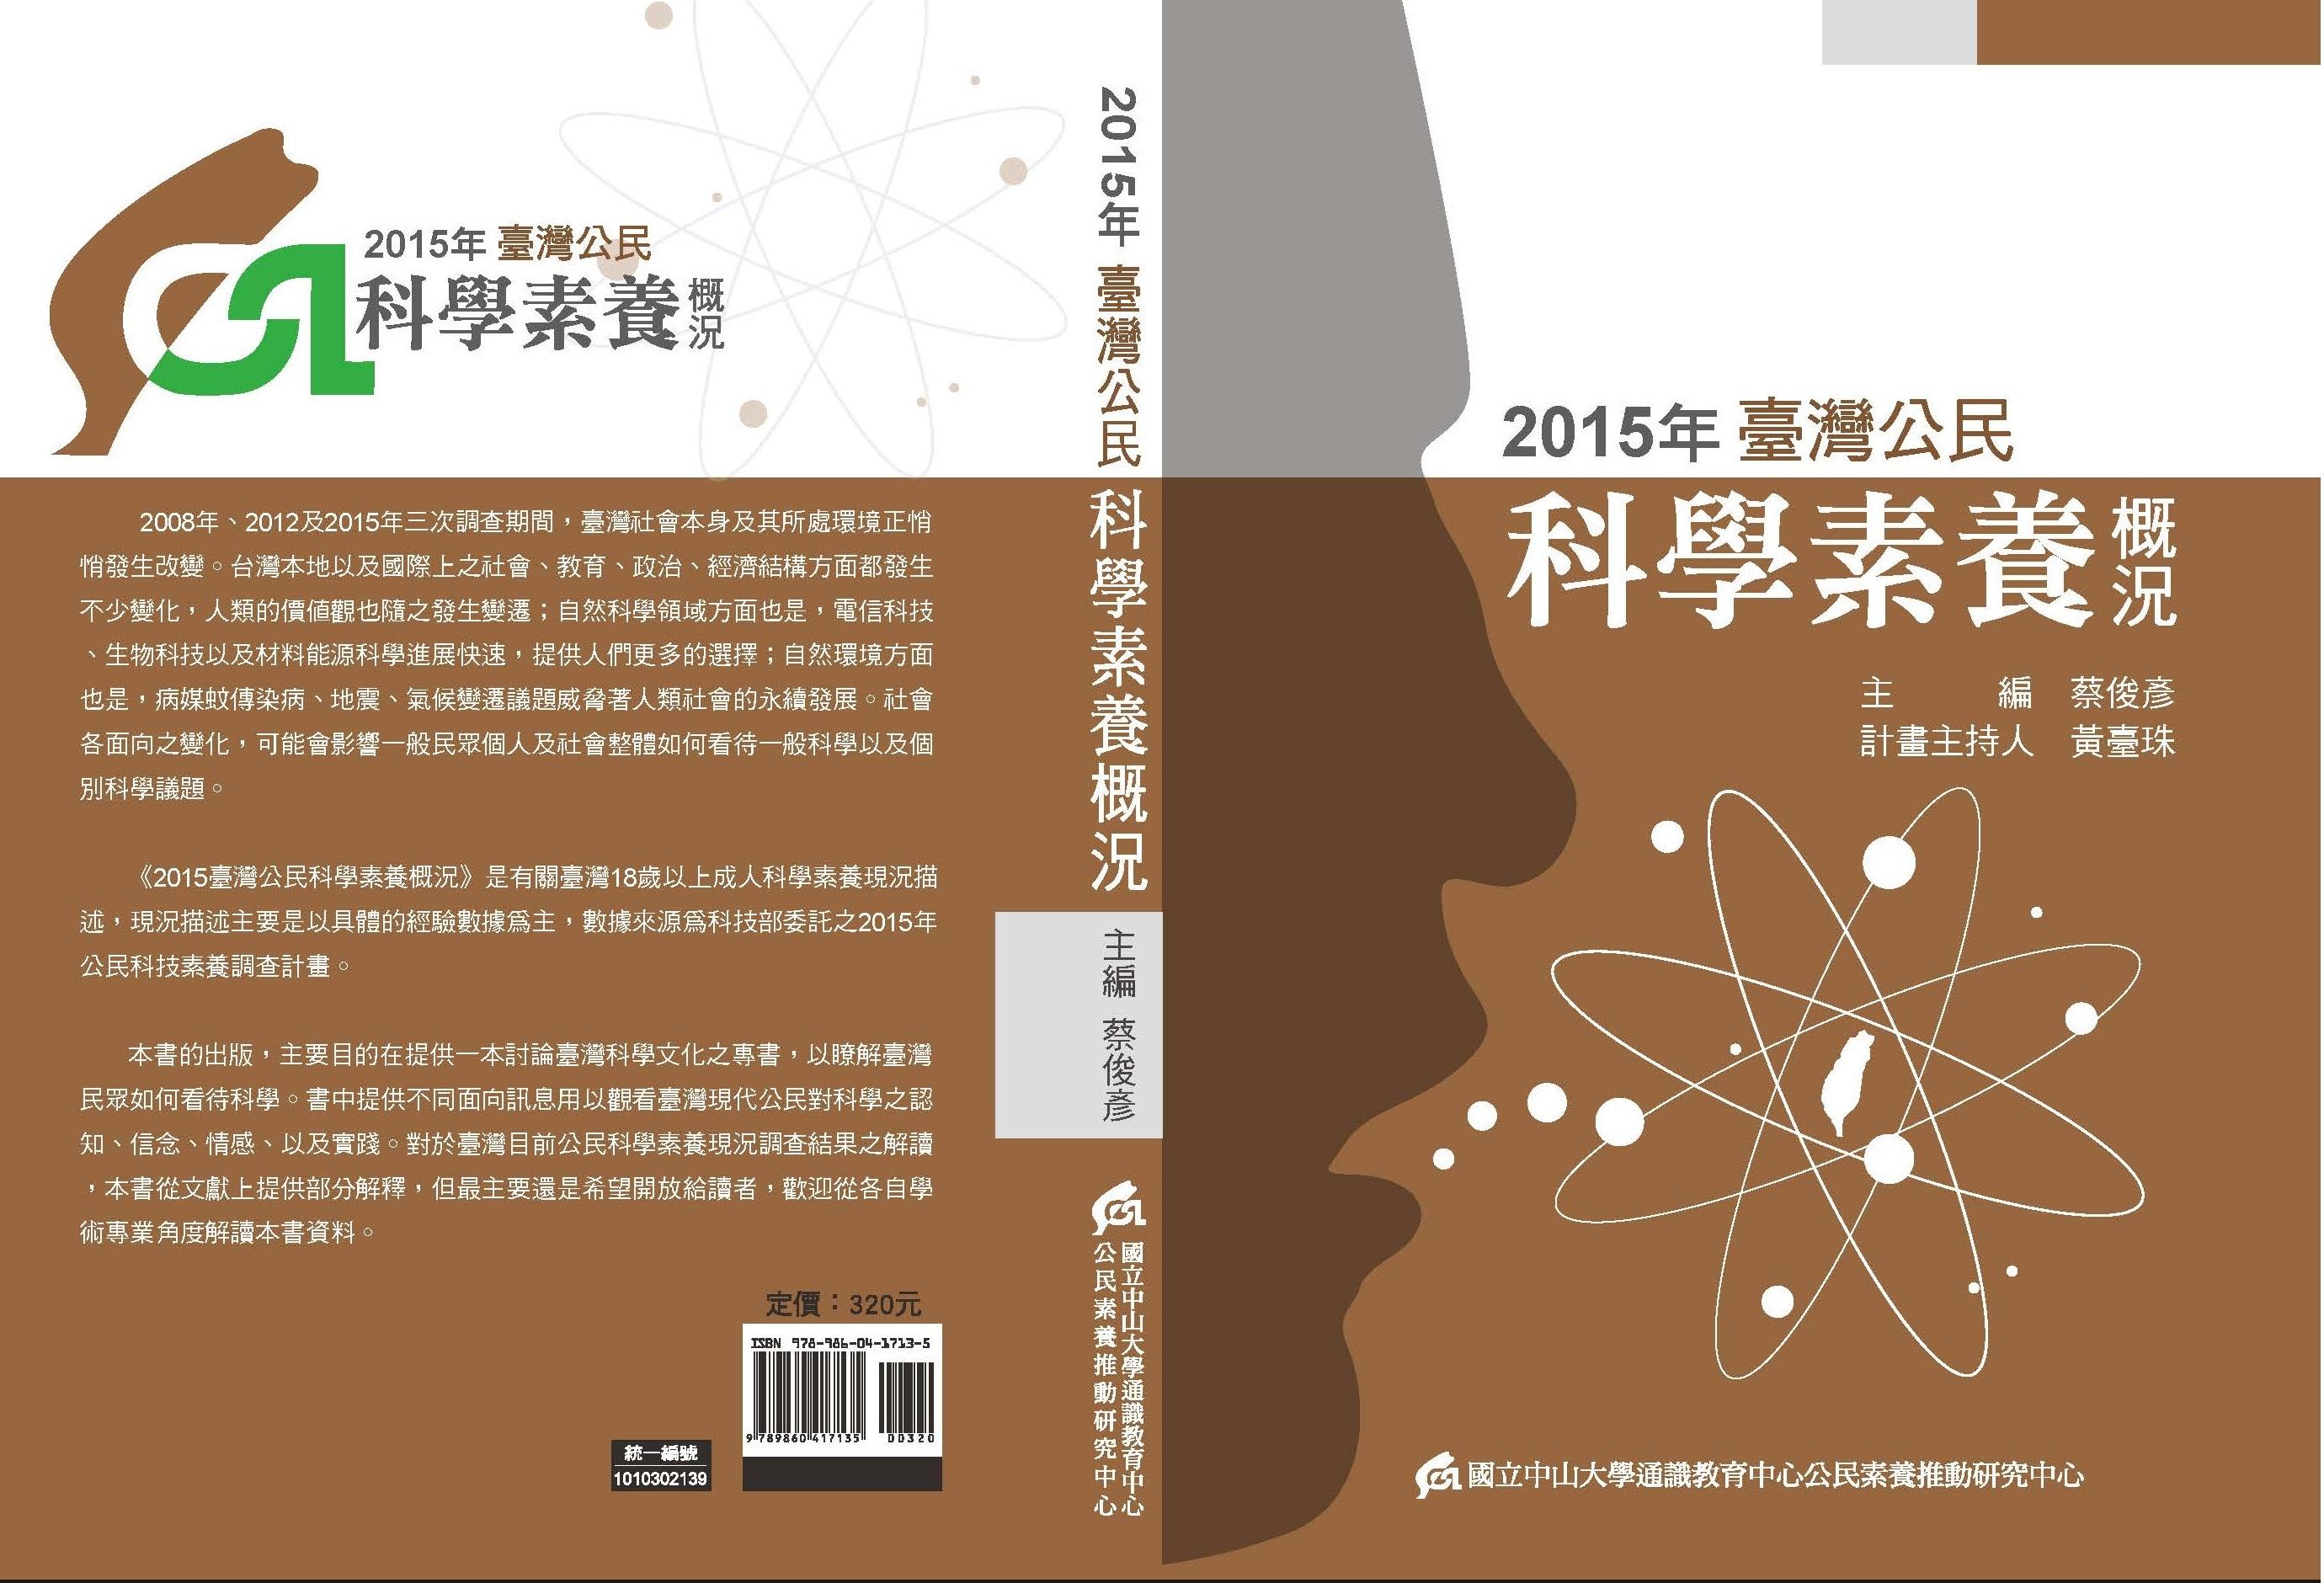 2015年臺灣公民科學素養概況